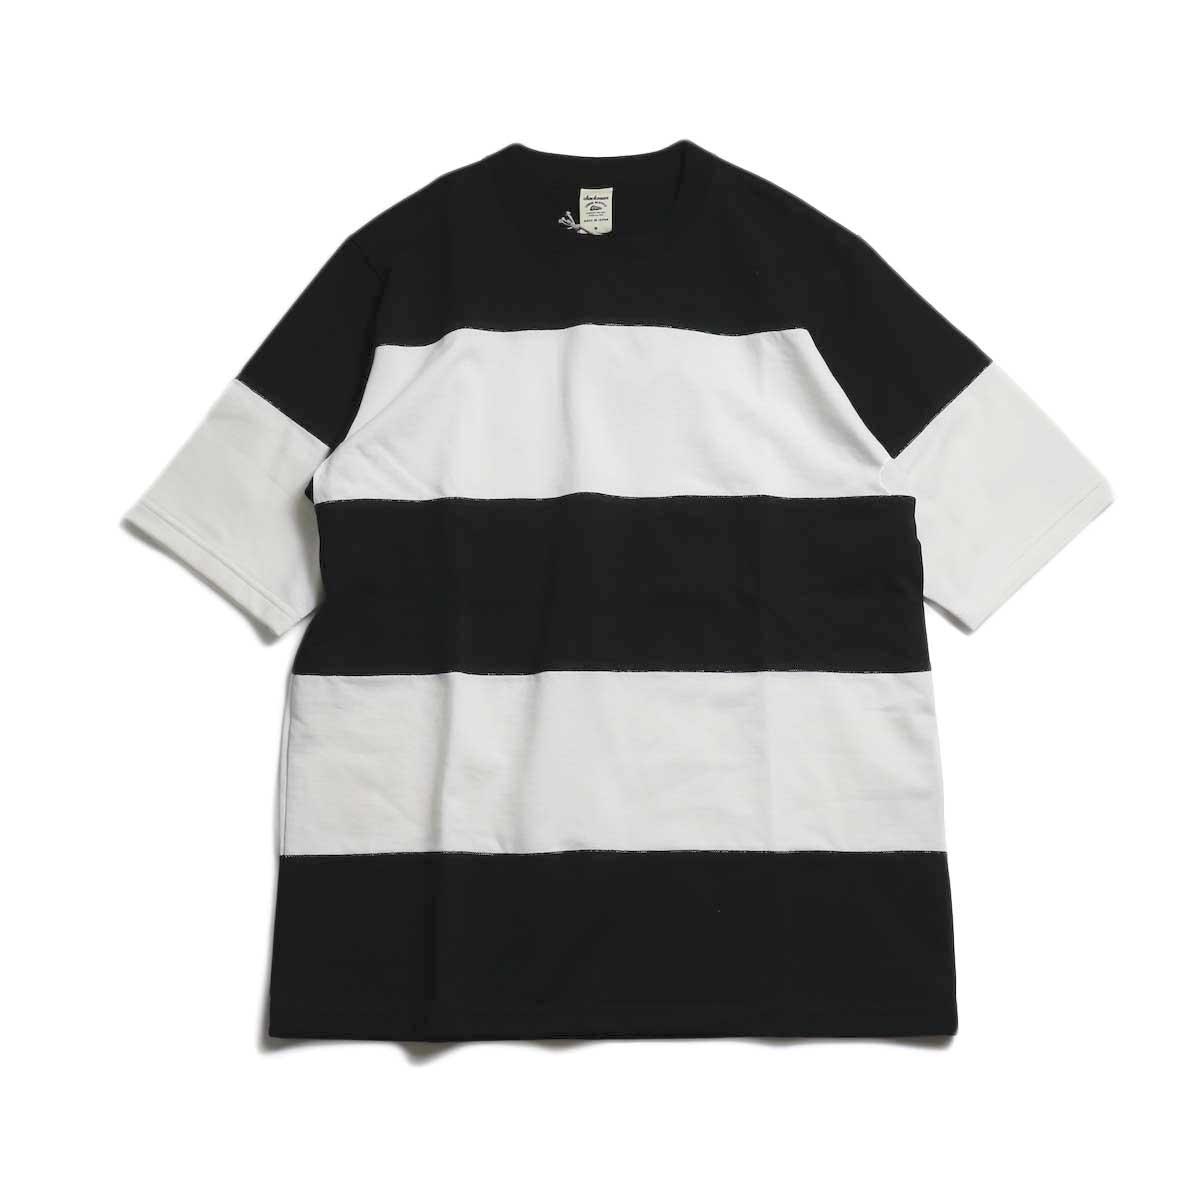 Jackman / Border T-Shirt -Black×White 4S